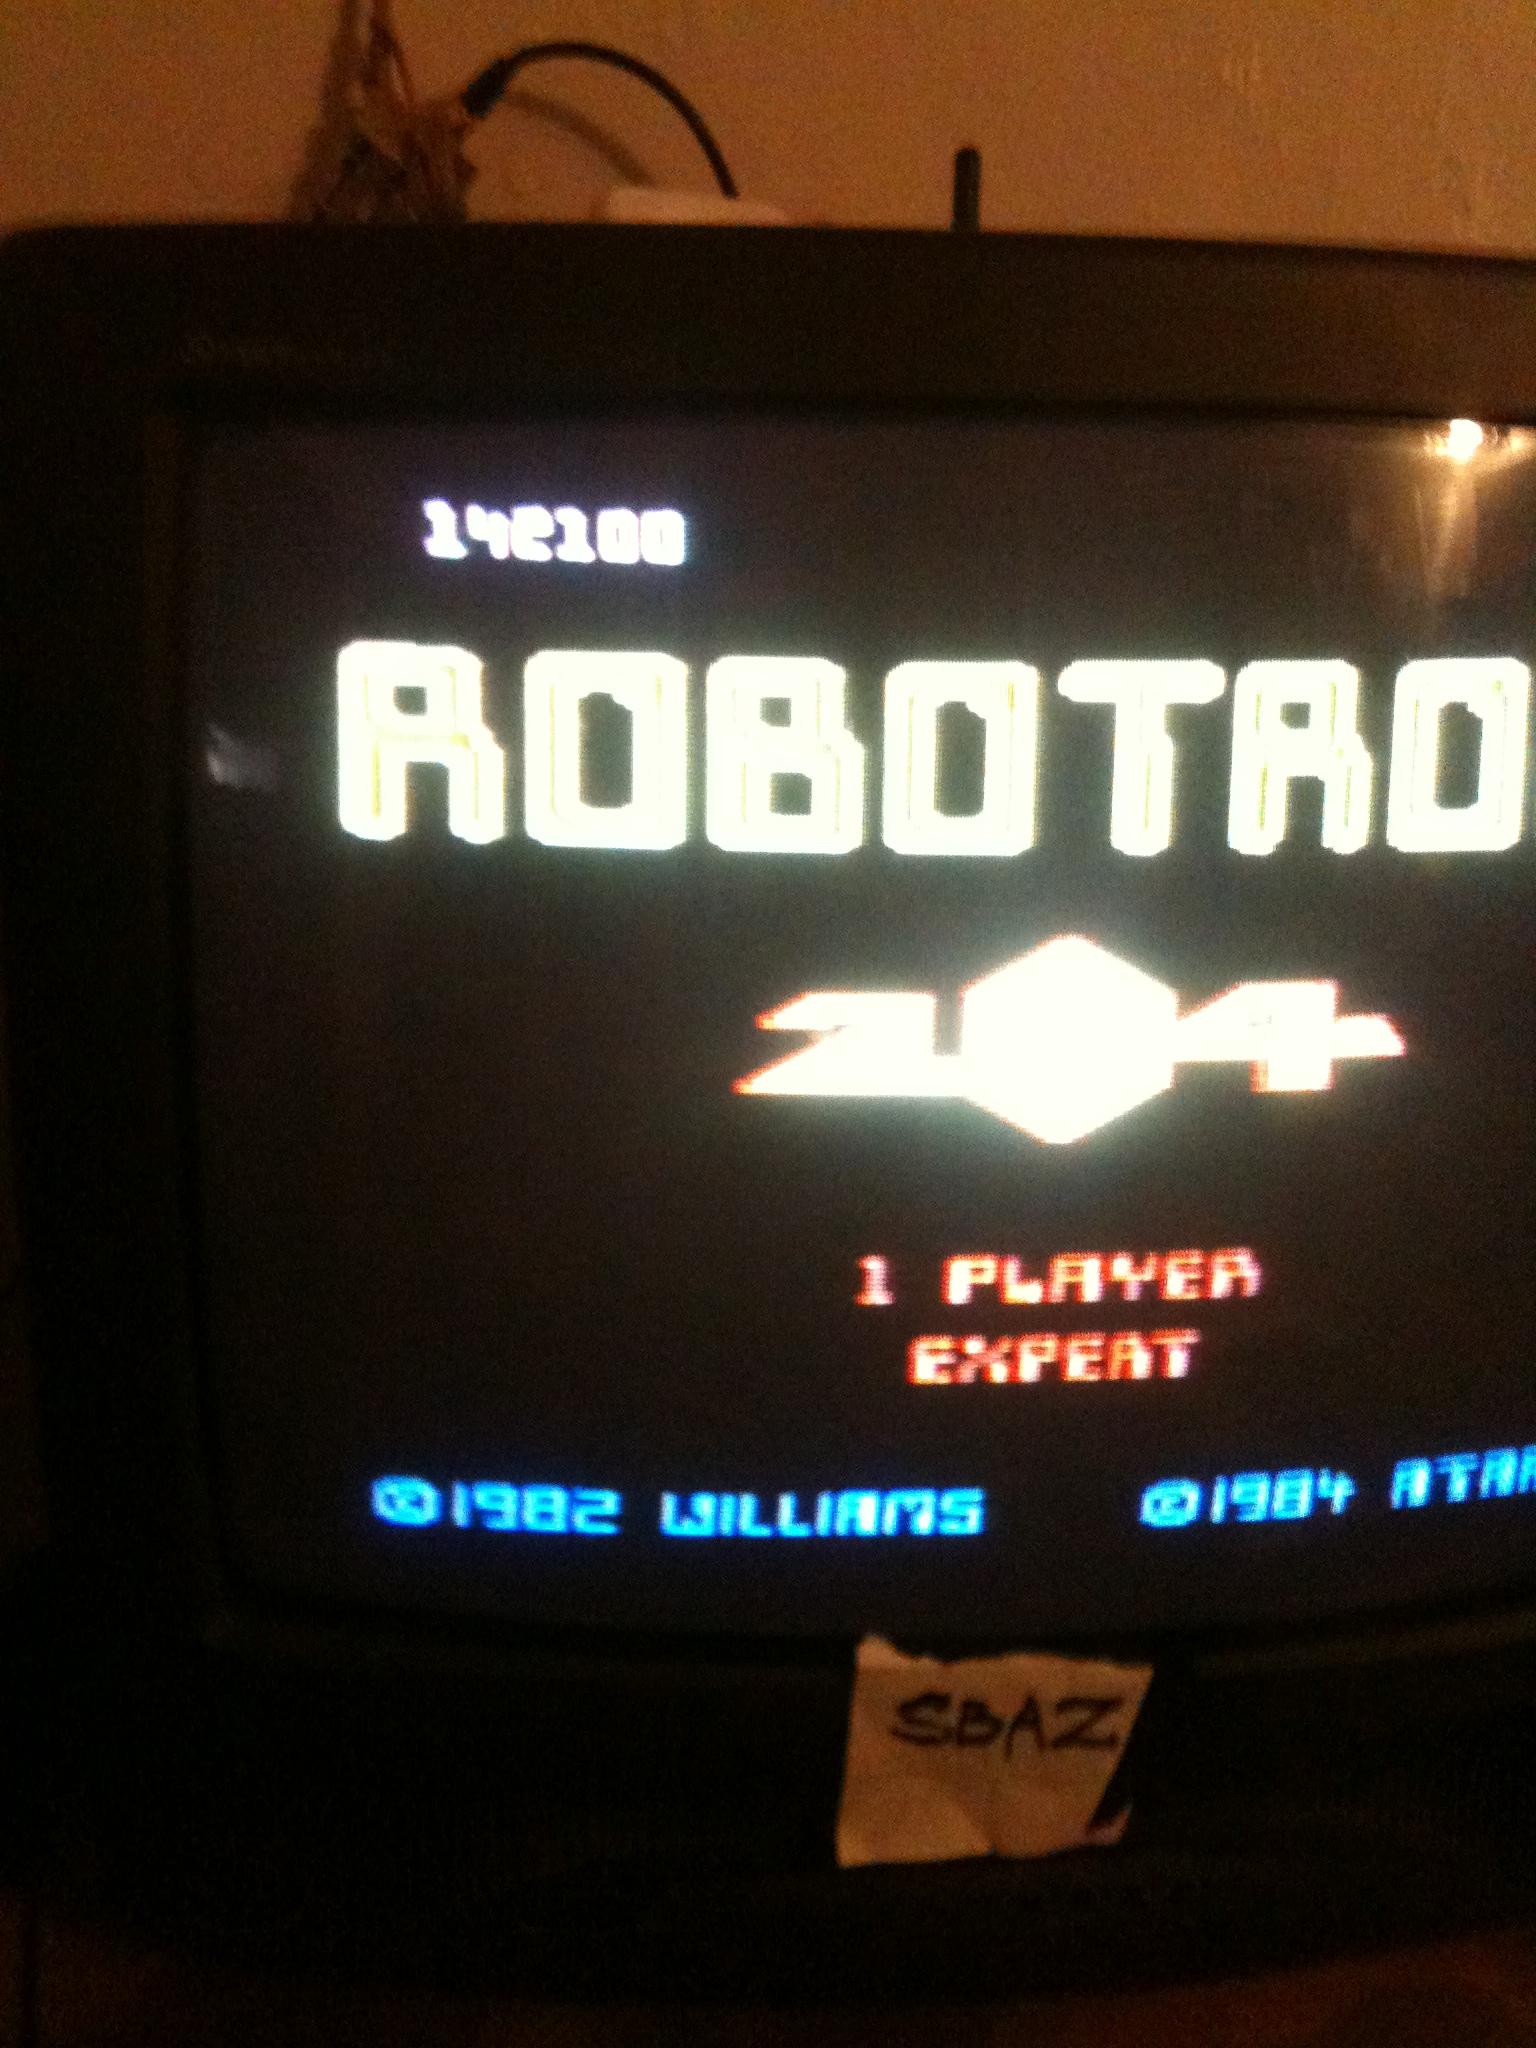 Robotron 2084: Expert 142,100 points